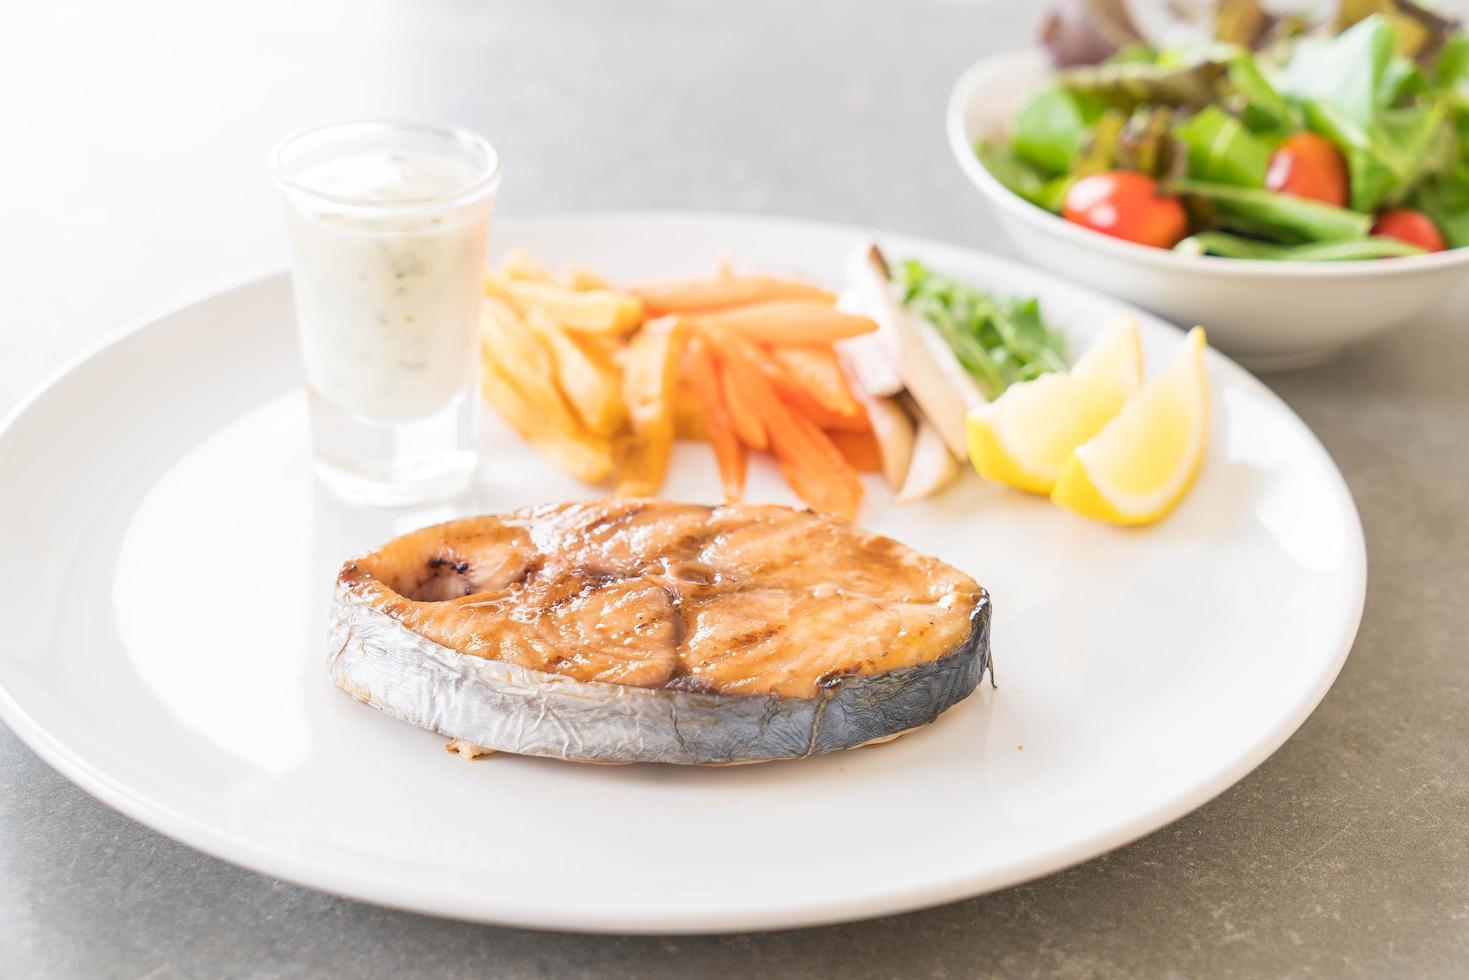 steak de poisson maquereau photo